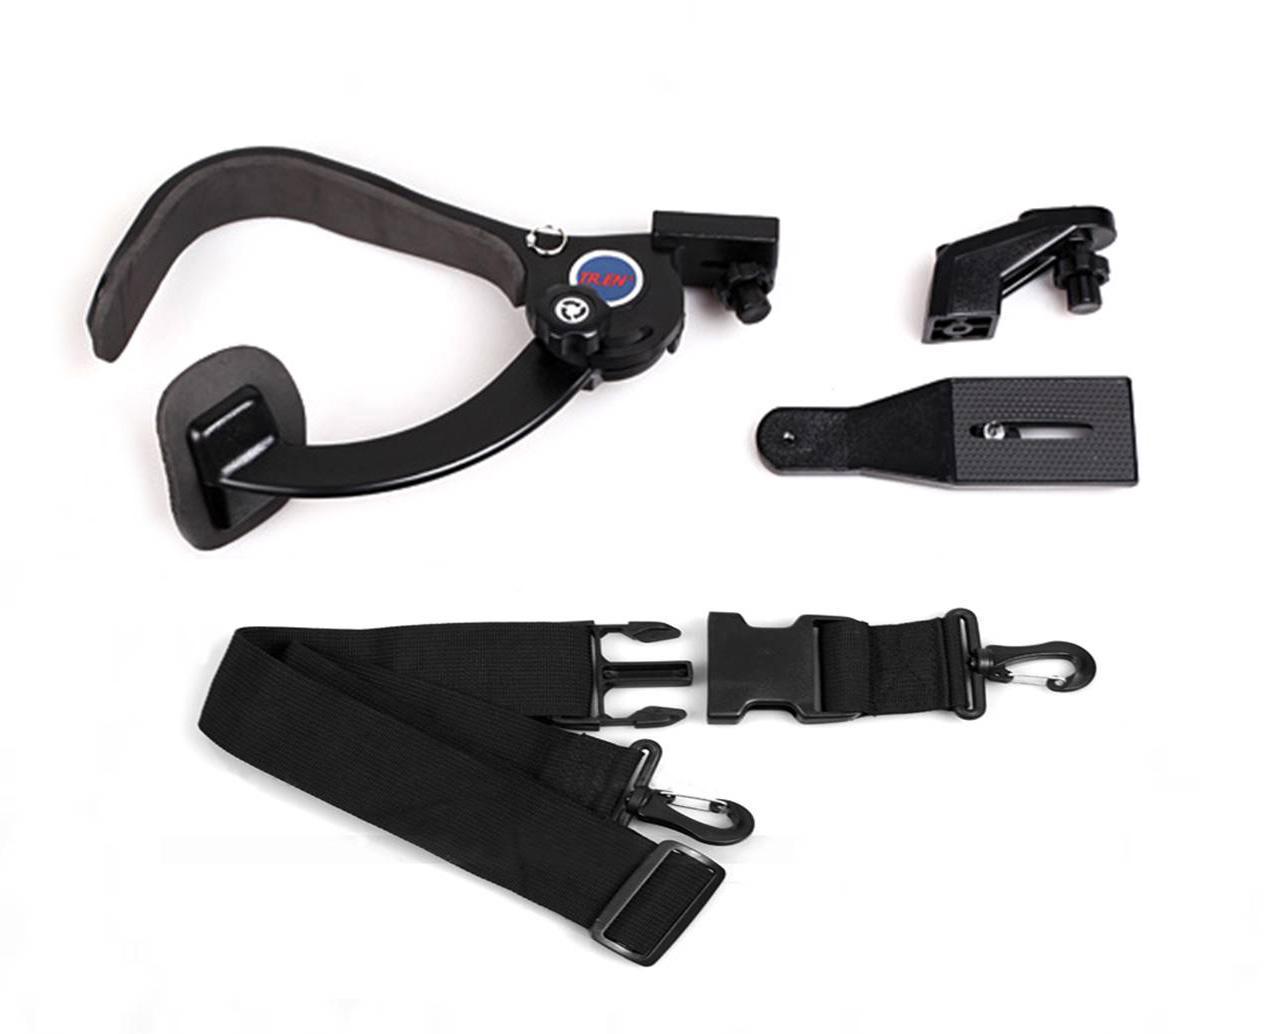 DSLR Stabilizator podkładki na ramię DSLR do 6 kg kamer wideo Kamery DV Hands-Free Fotografowanie